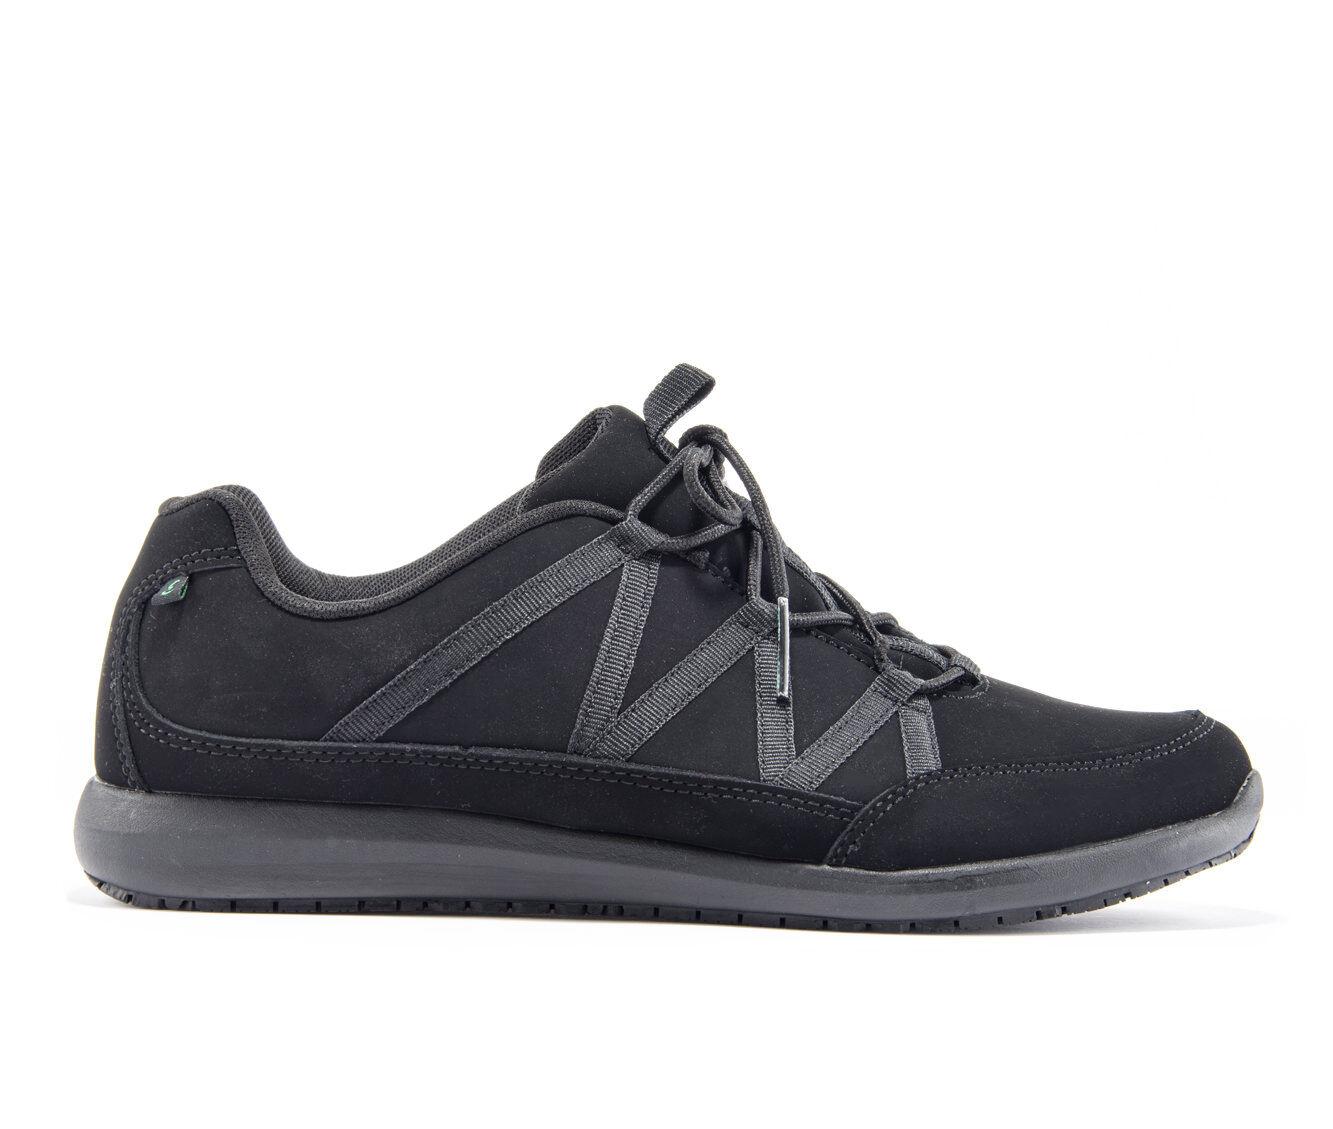 Women's Emeril Lagasse Conti Slip Resistant Shoes Black